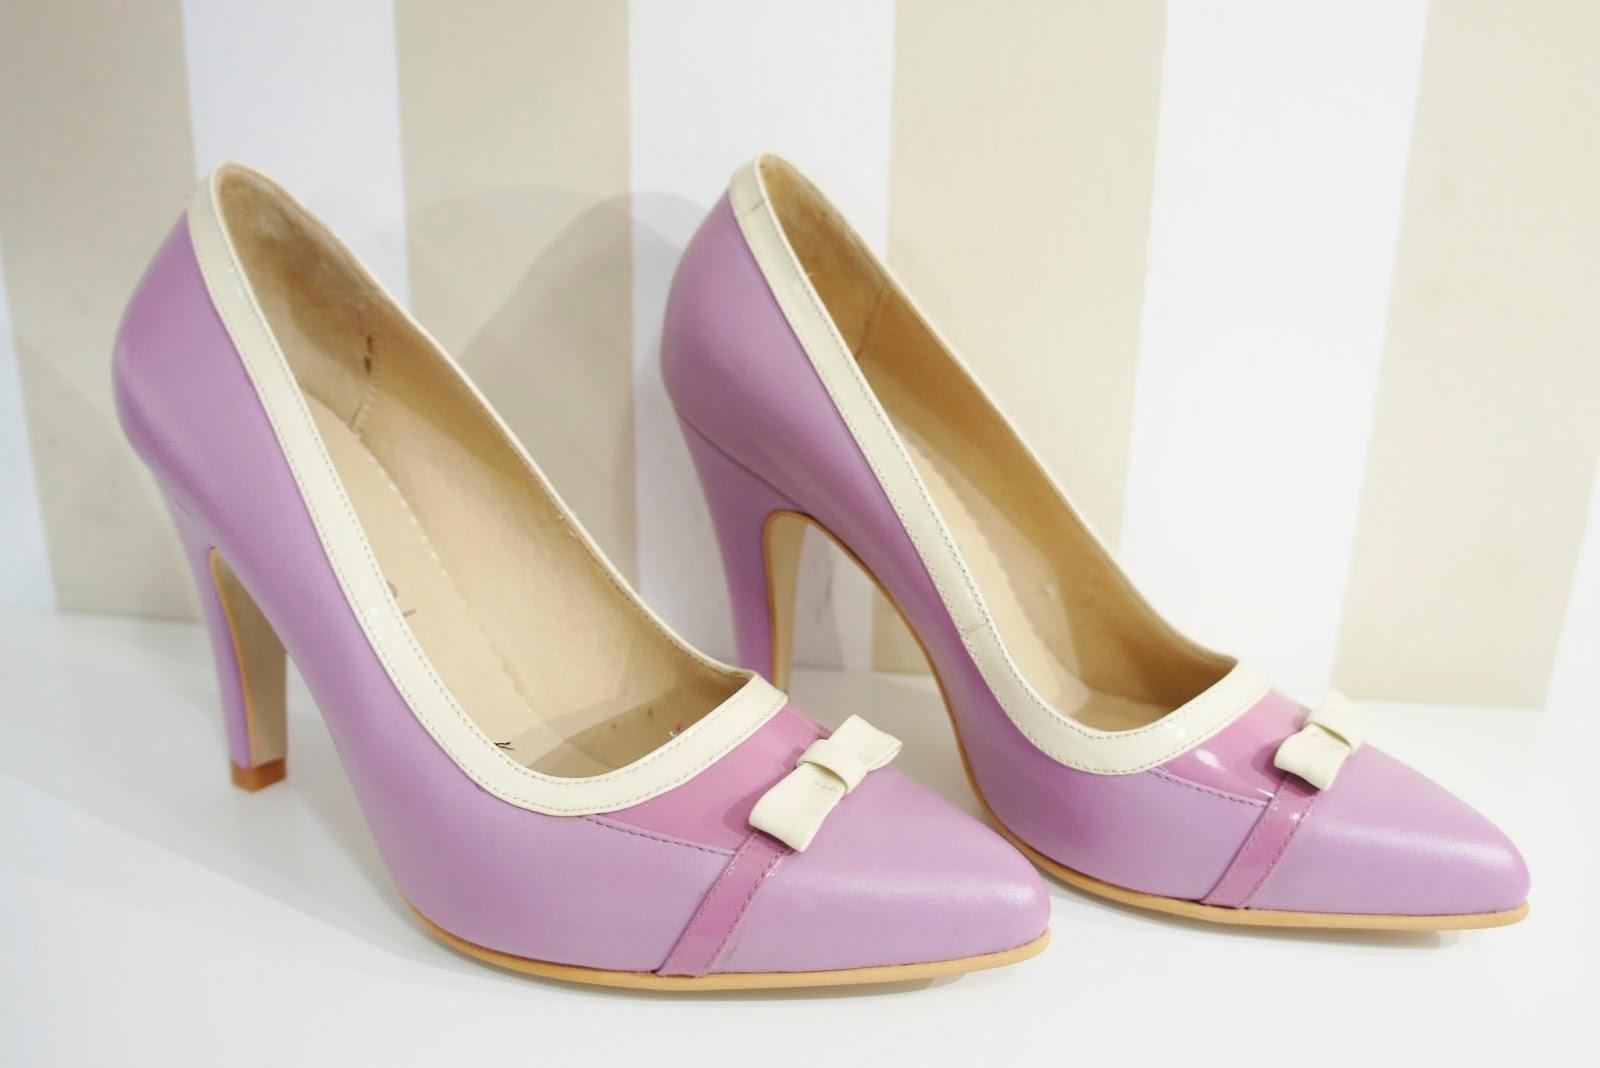 Lana Bang - Zapatos de Diseño stilettos, zapatos lilas